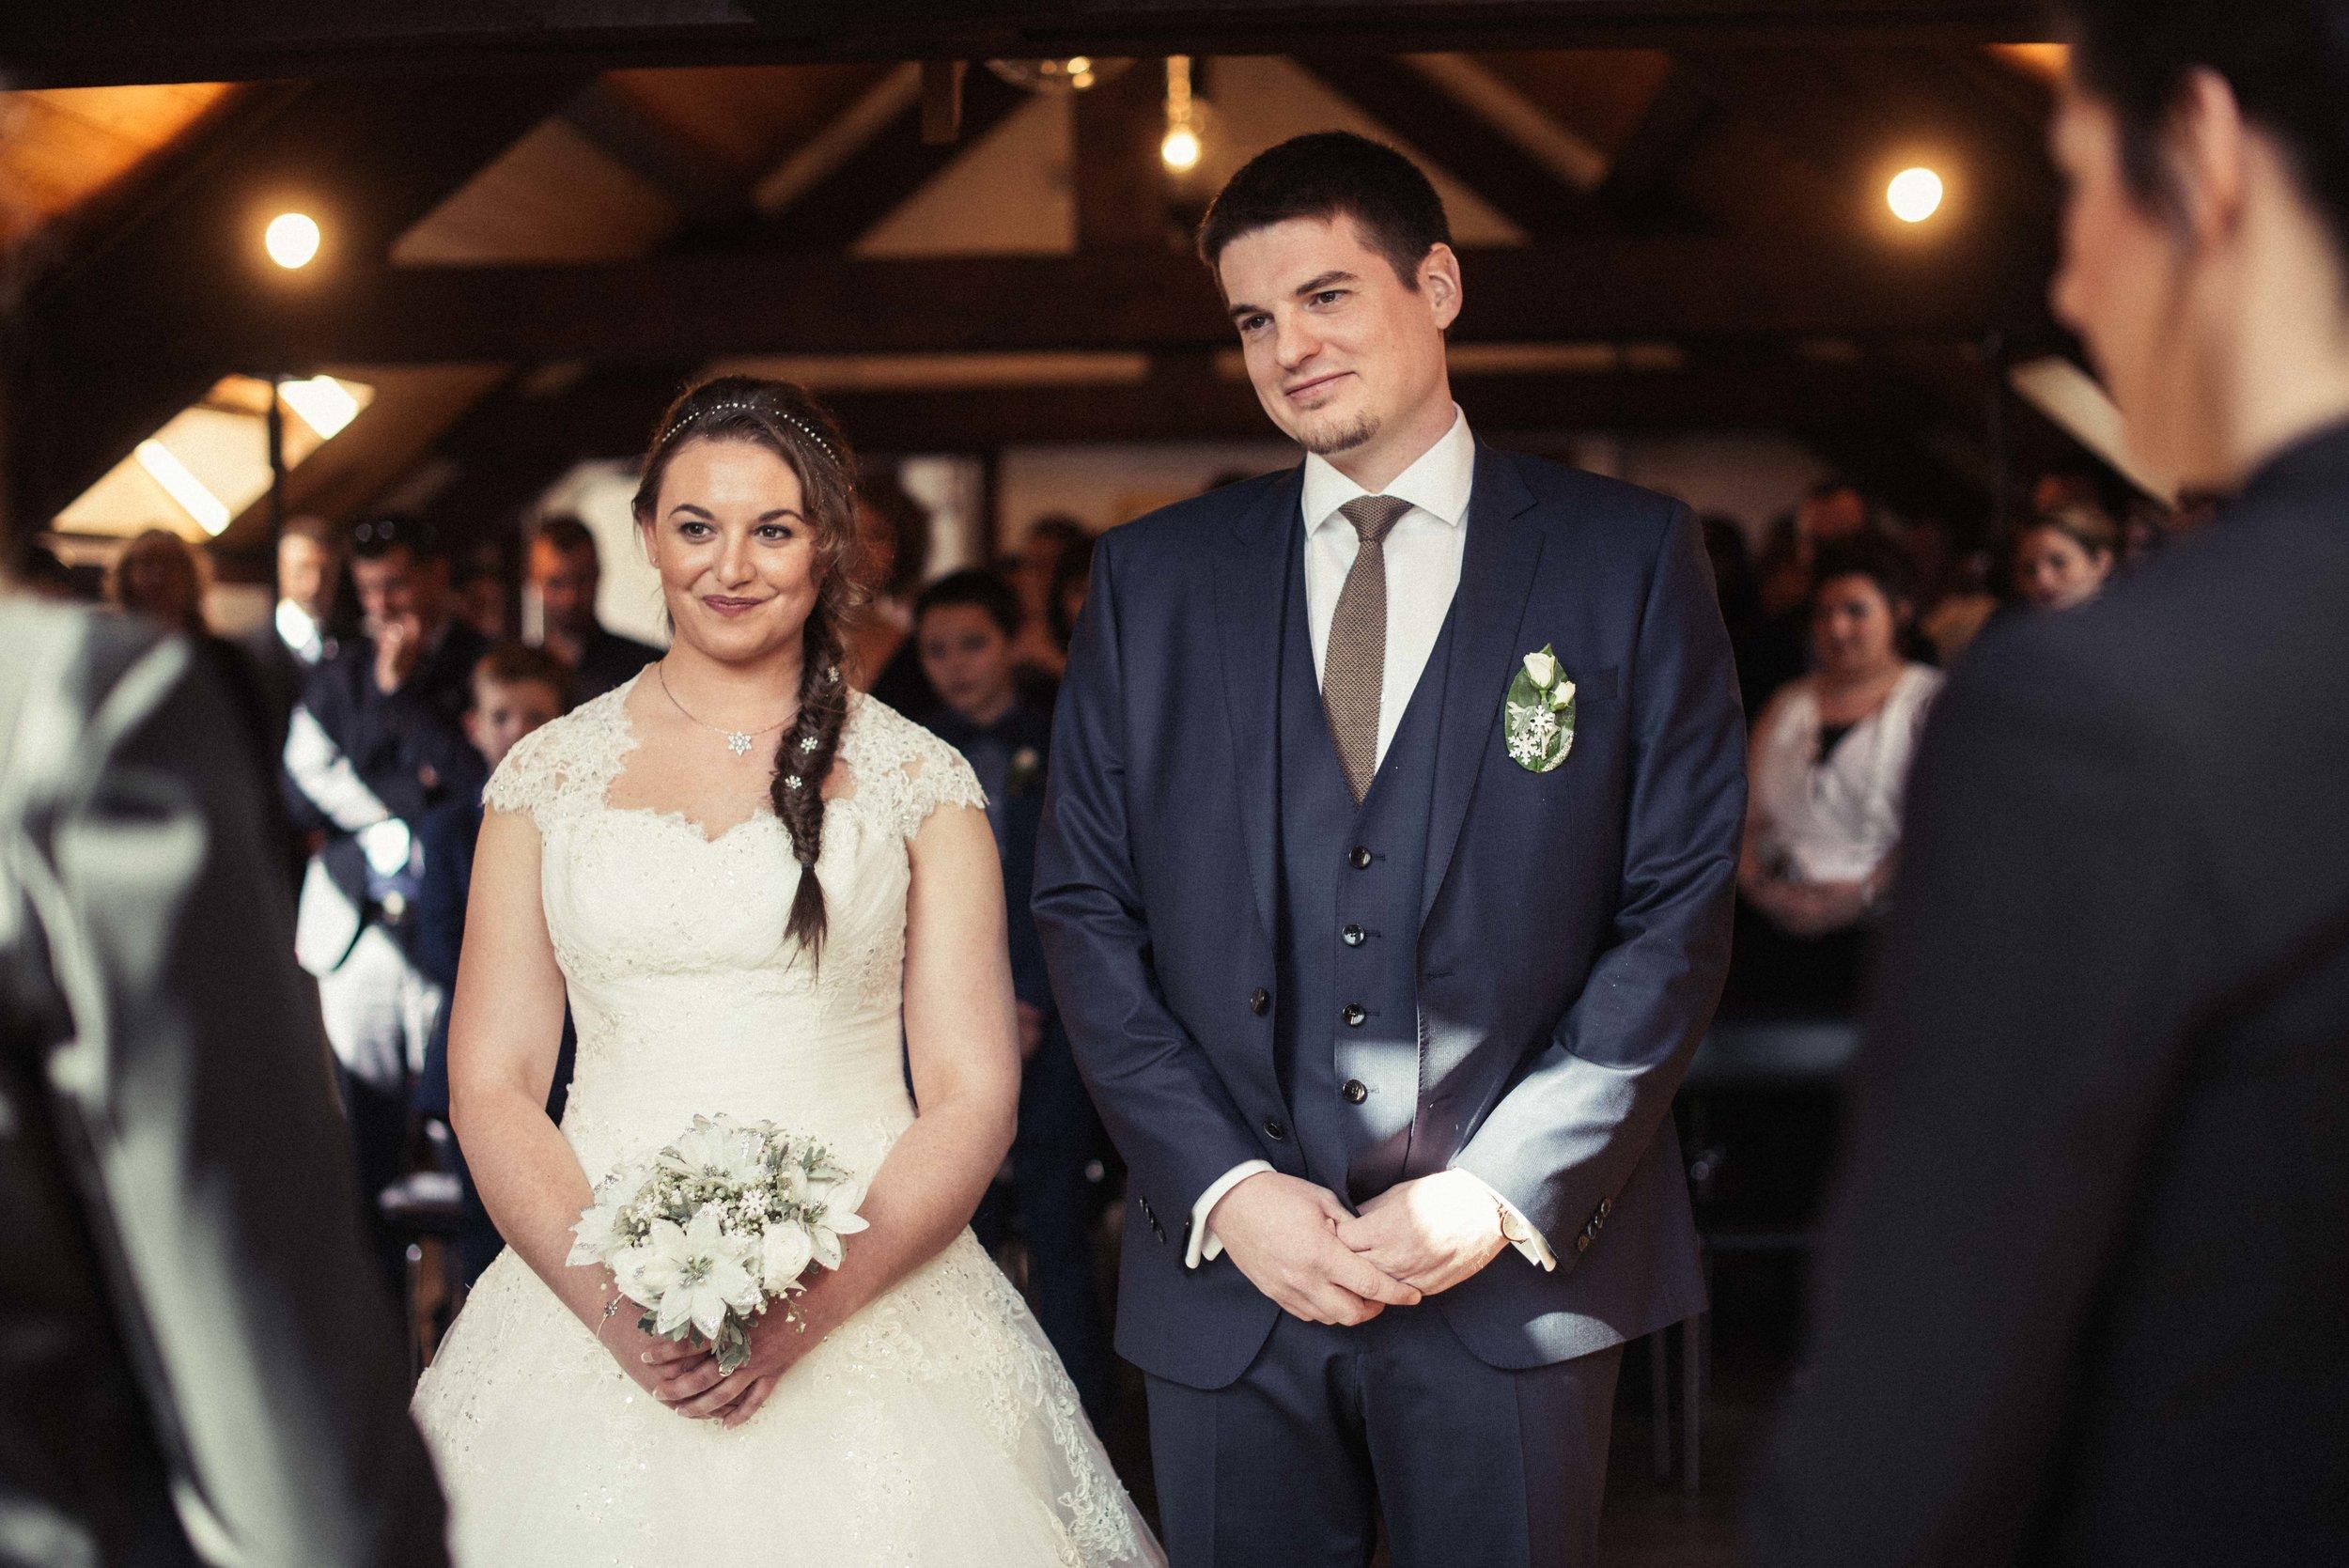 Léa-Fery-photographe-professionnel-lyon-rhone-alpes-portrait-mariage-couple-amour-lovesession-engagement-elopment-2205.jpg